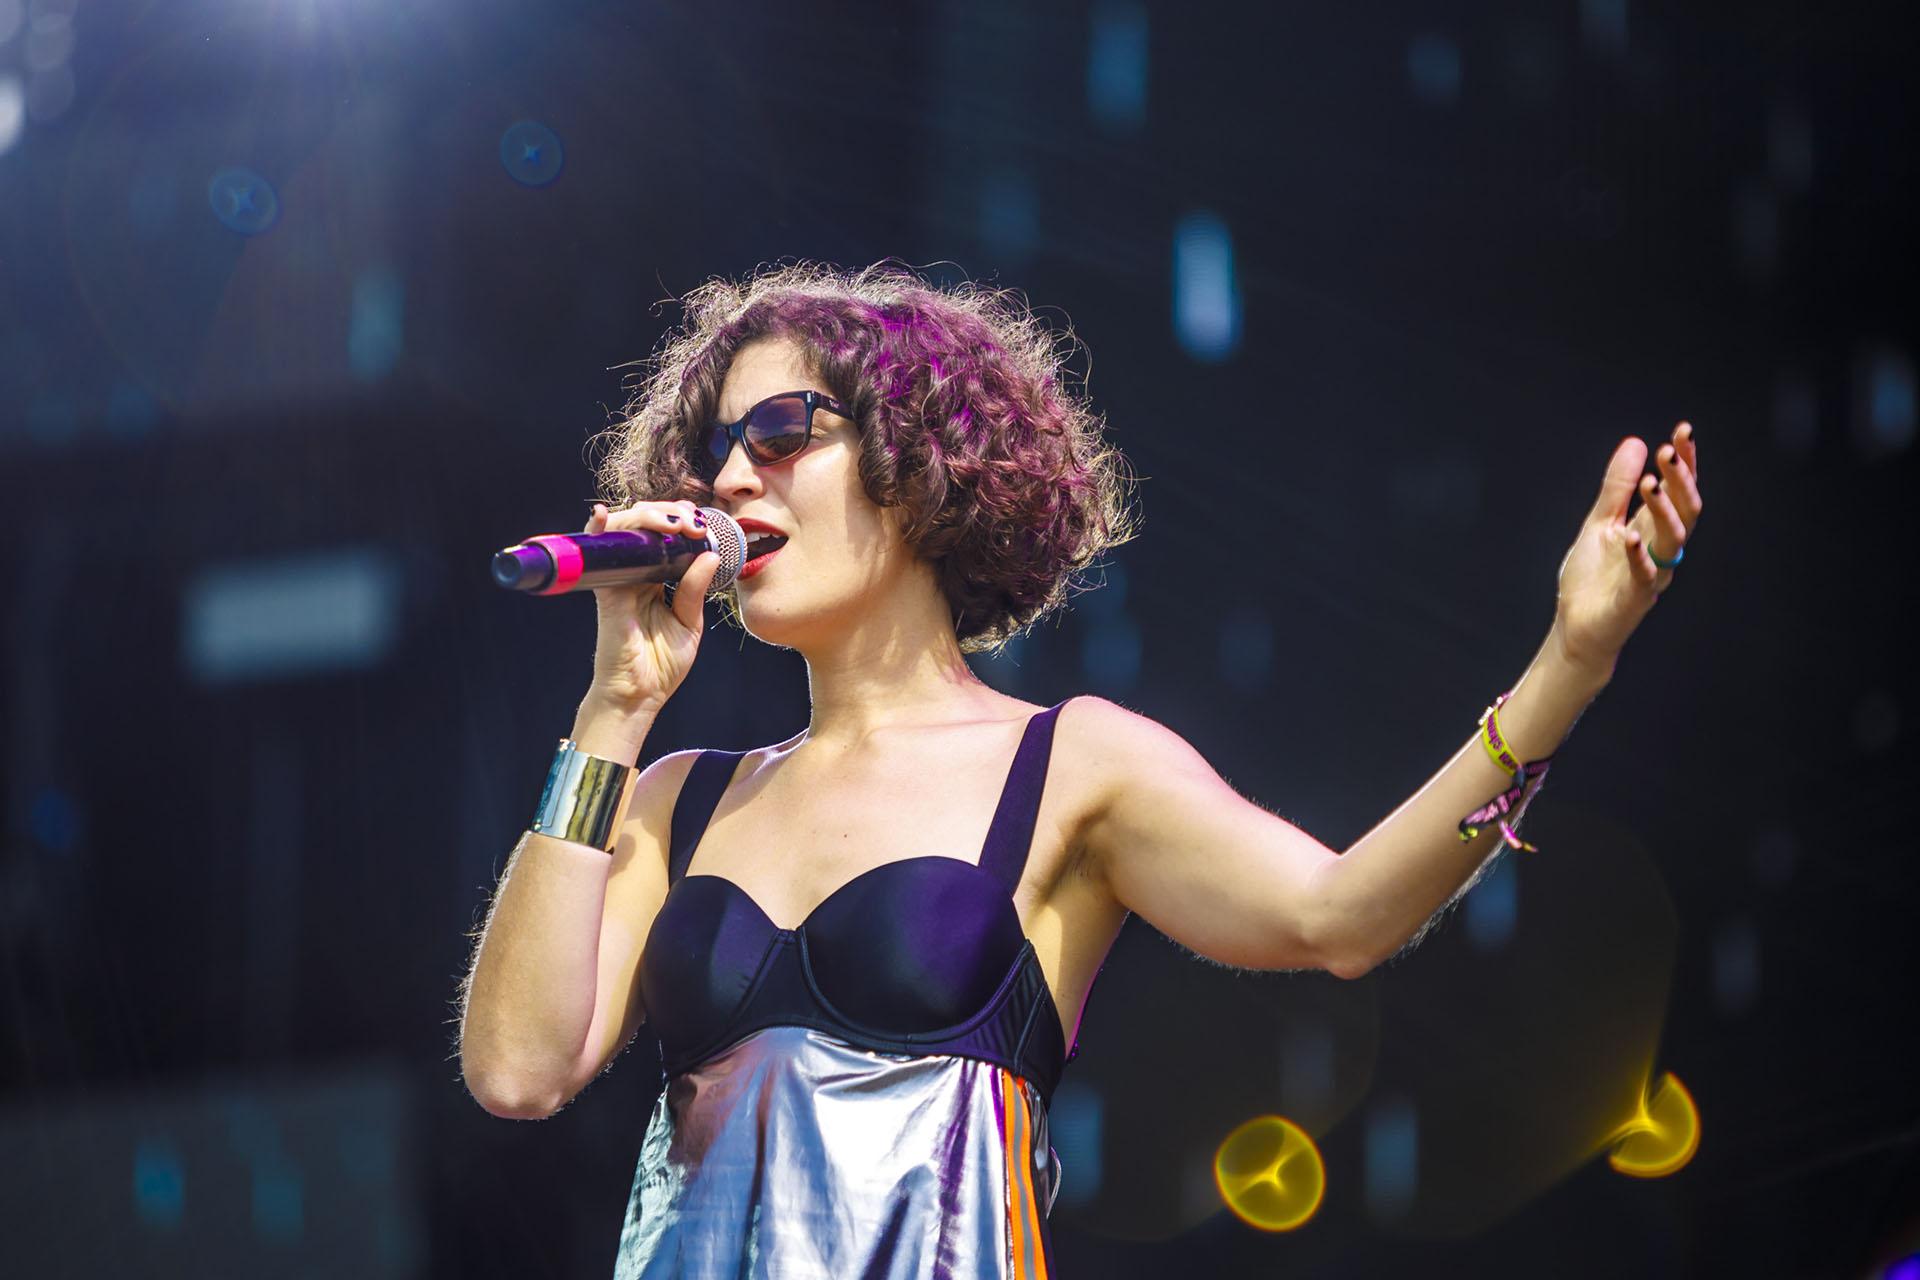 La compositora, cantante y pianista cordobesa se presentó en el Lollapalooza Argentina